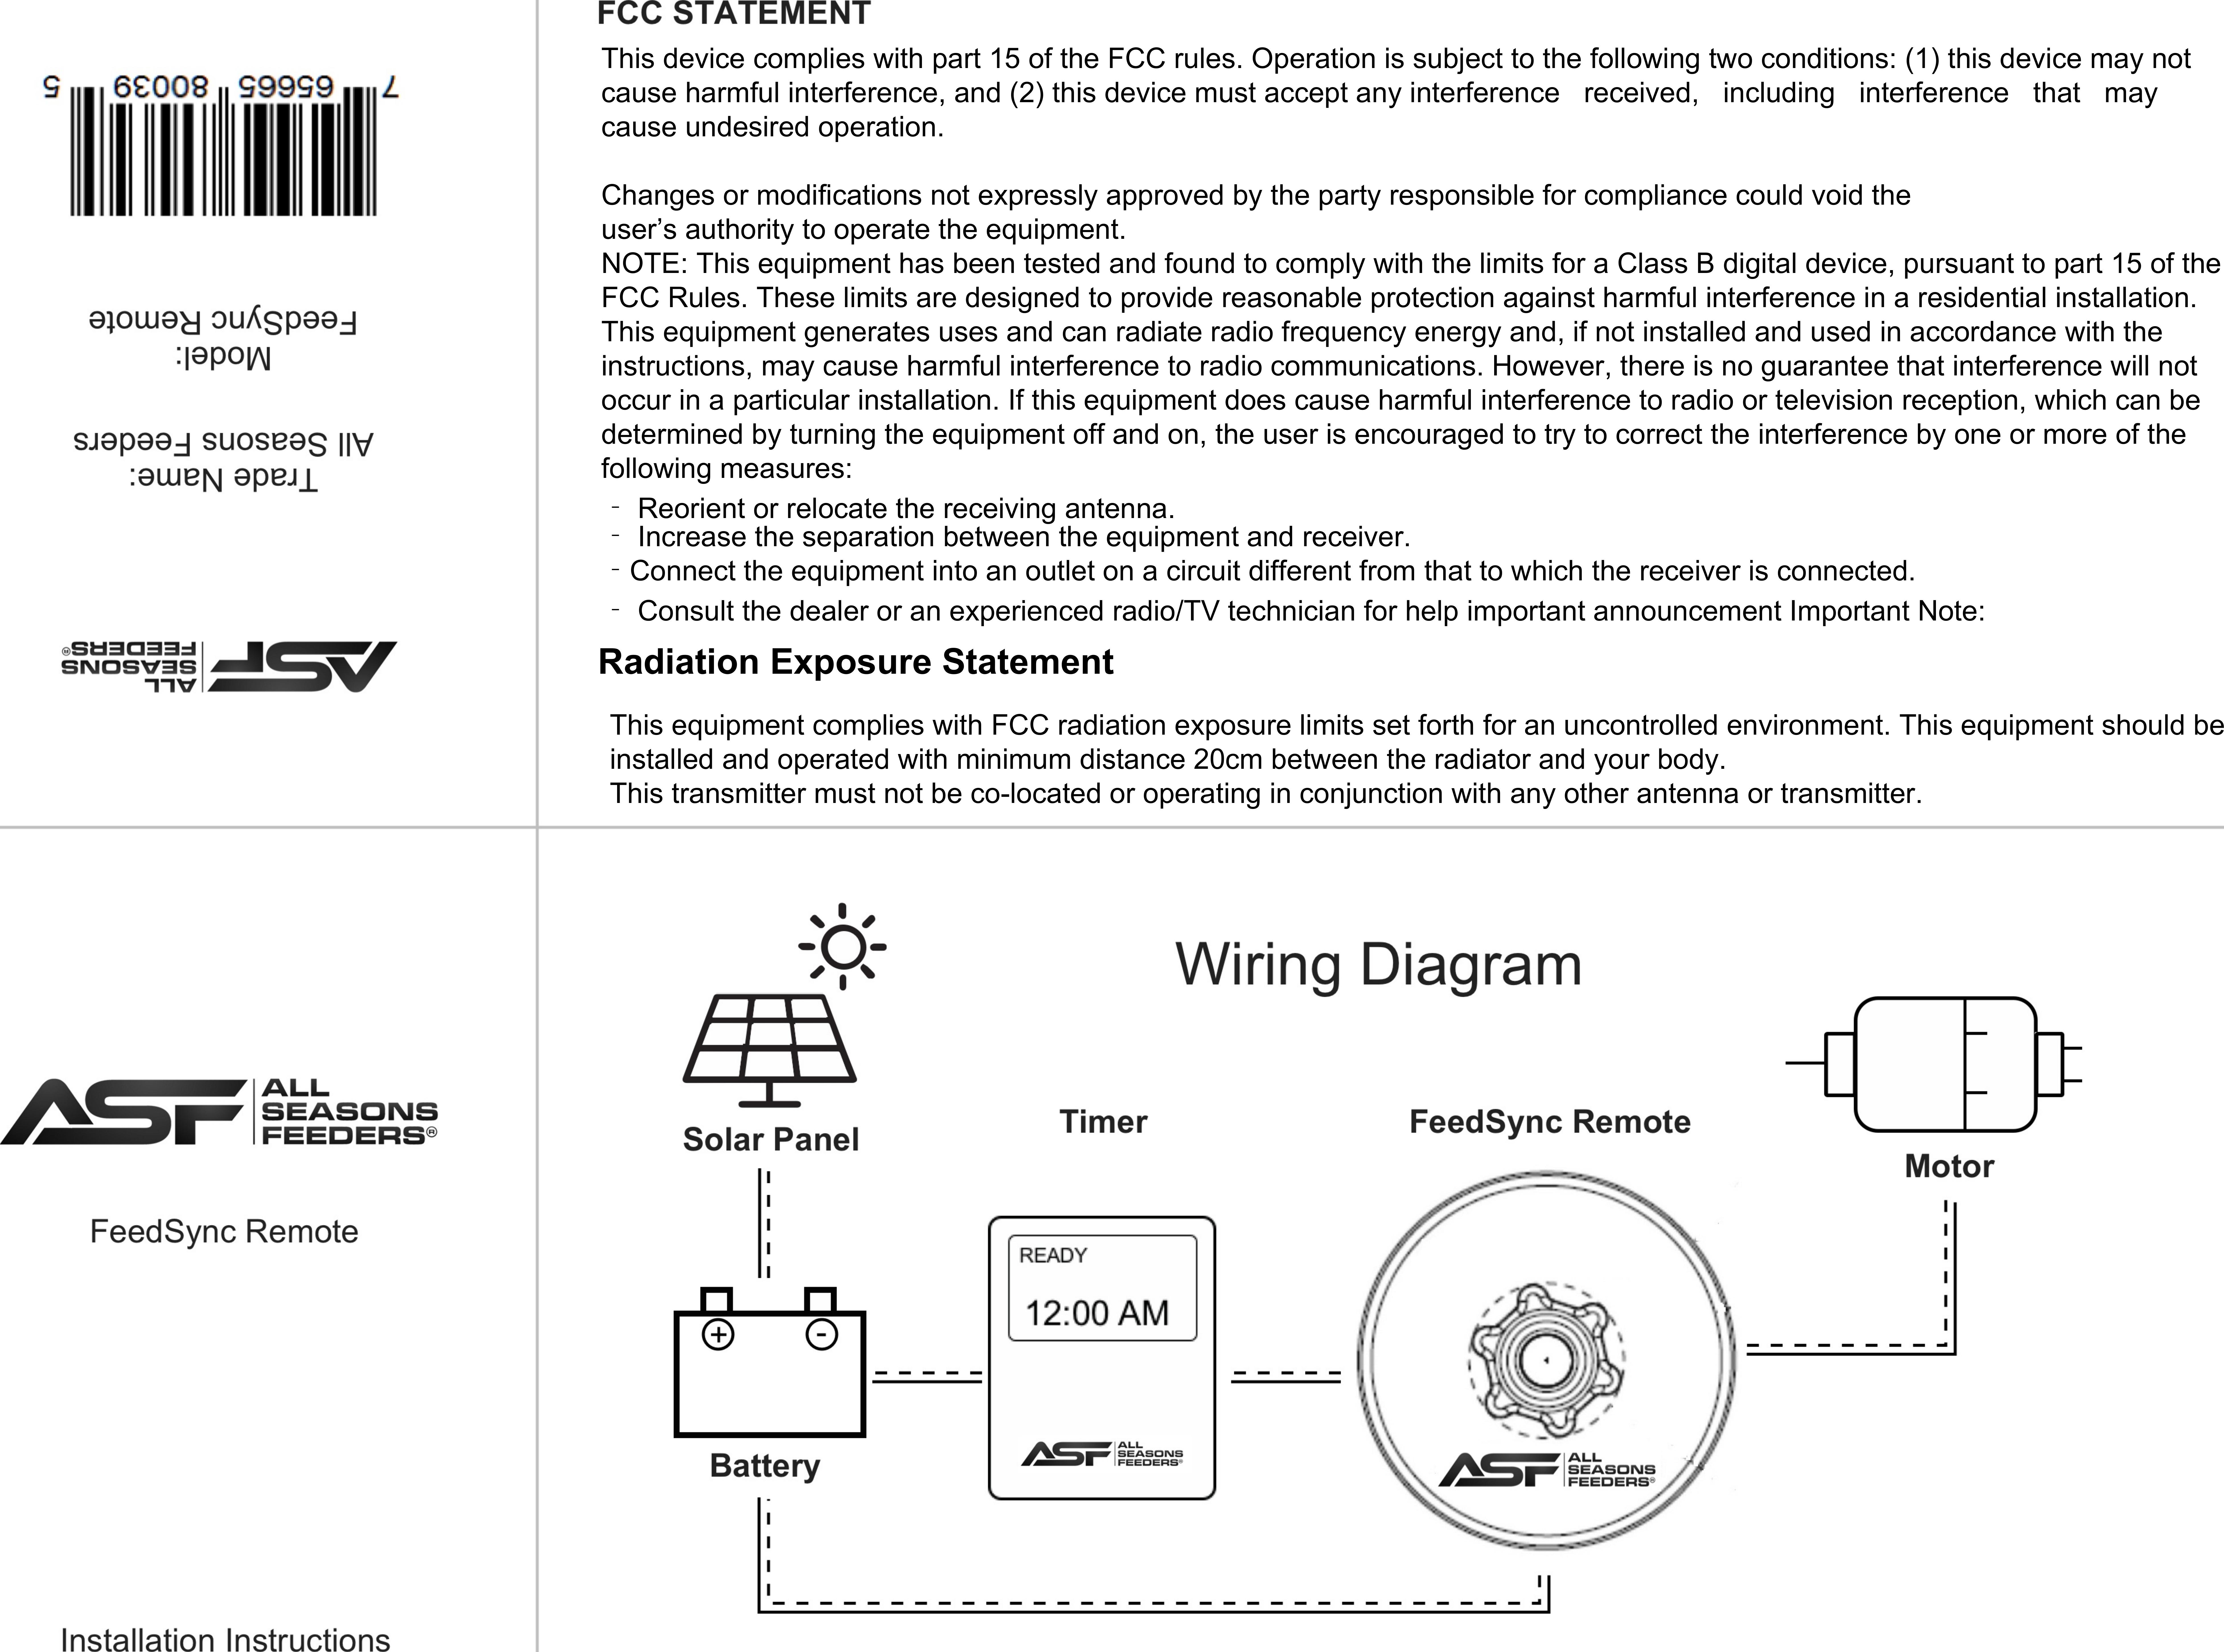 Swift Info Technology FSREMOTE All Seasons Feeders User Manual